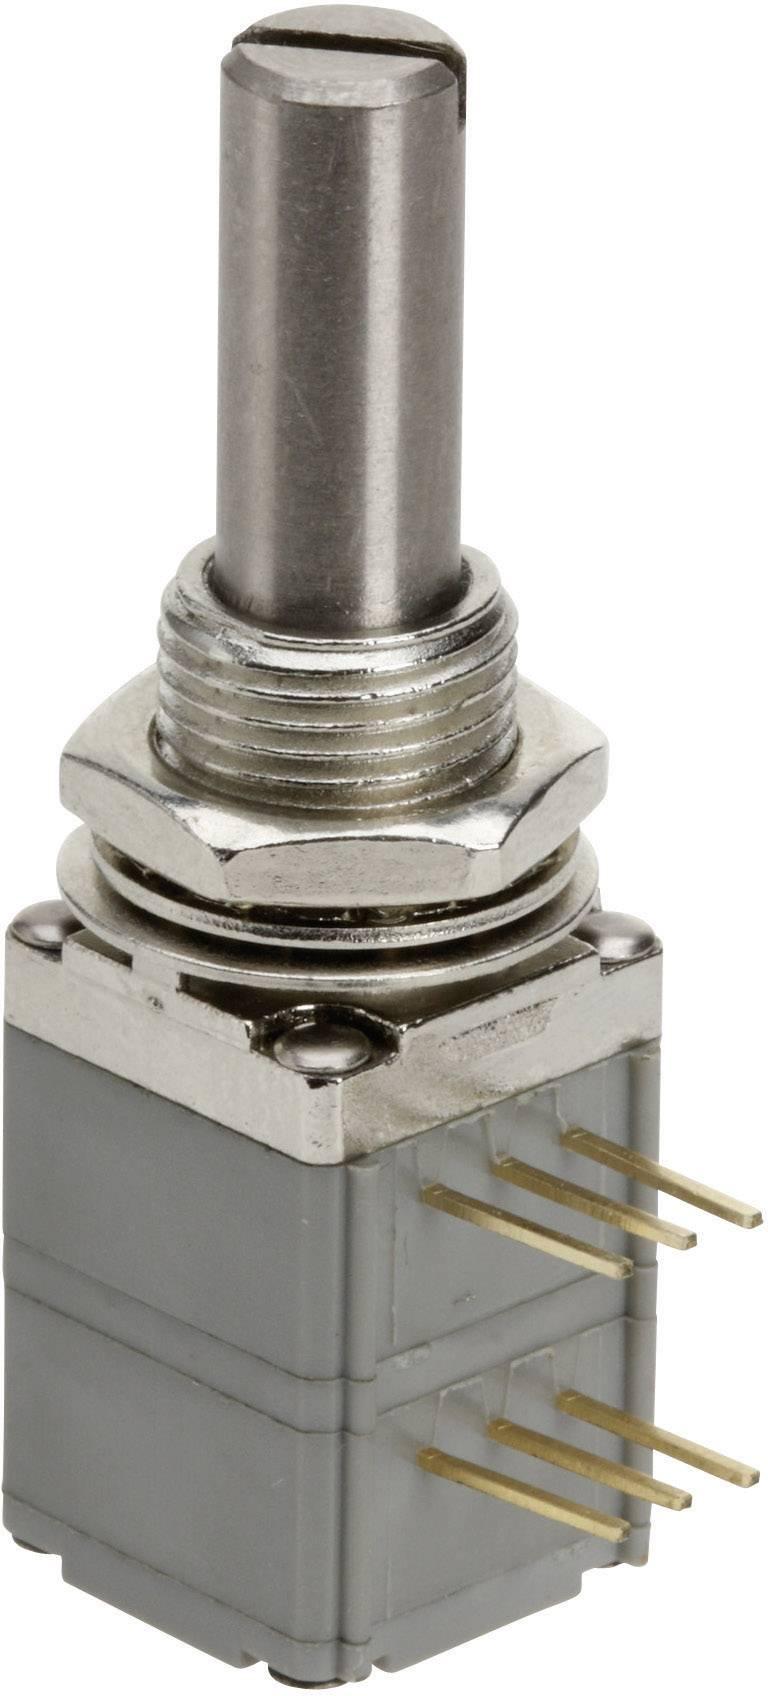 Vodivý plastový potenciometer TT Electronics AB P260S-D1BS4A B-1 KR mono, 1 kOhm, 1 ks